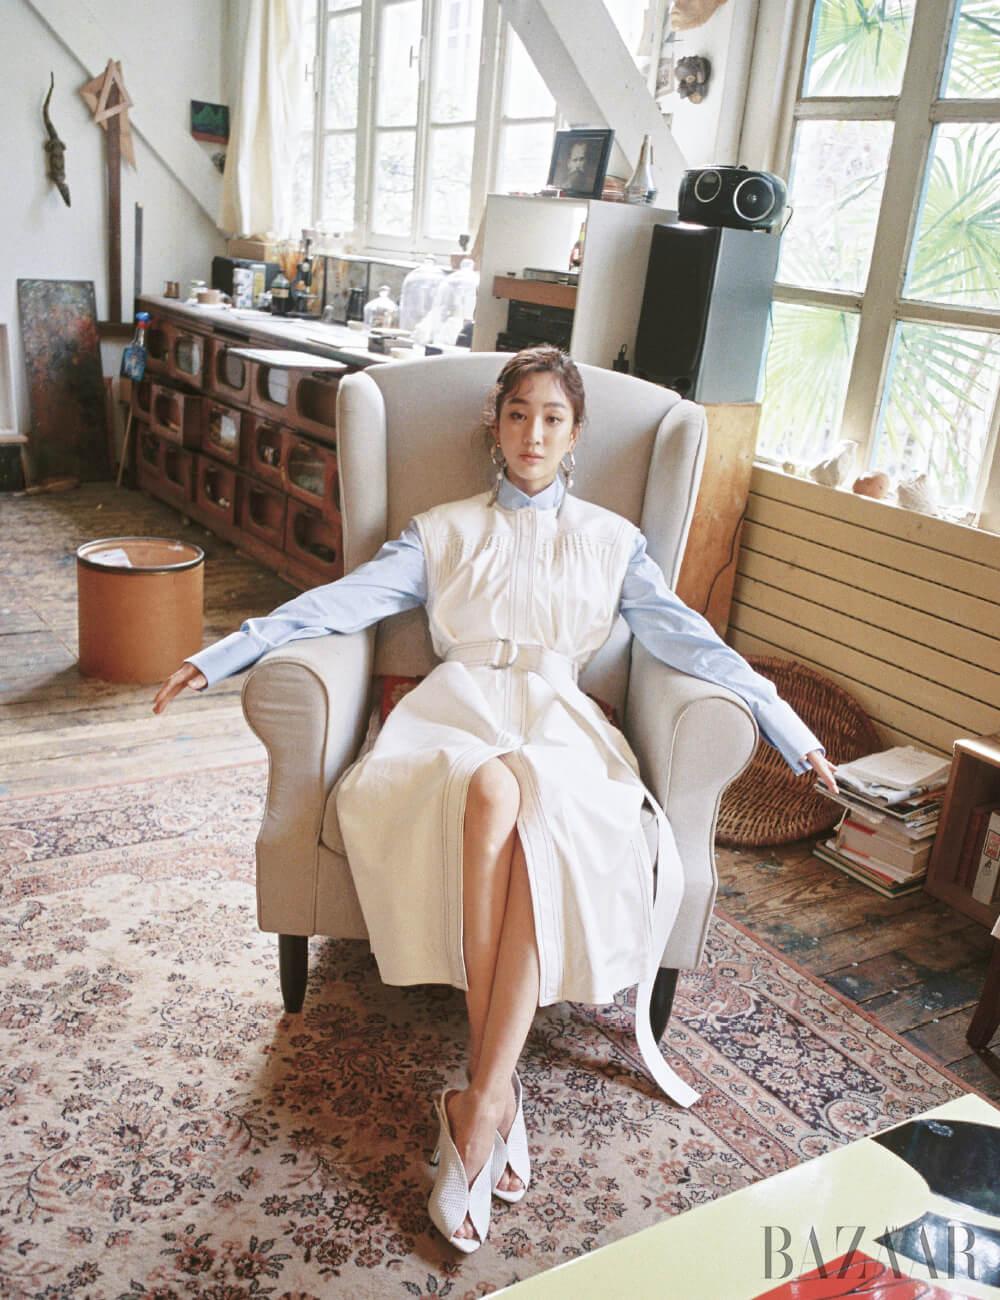 셔츠, 벨트 장식 드레스, 귀고리, 뮬은 모두 Givenchy.